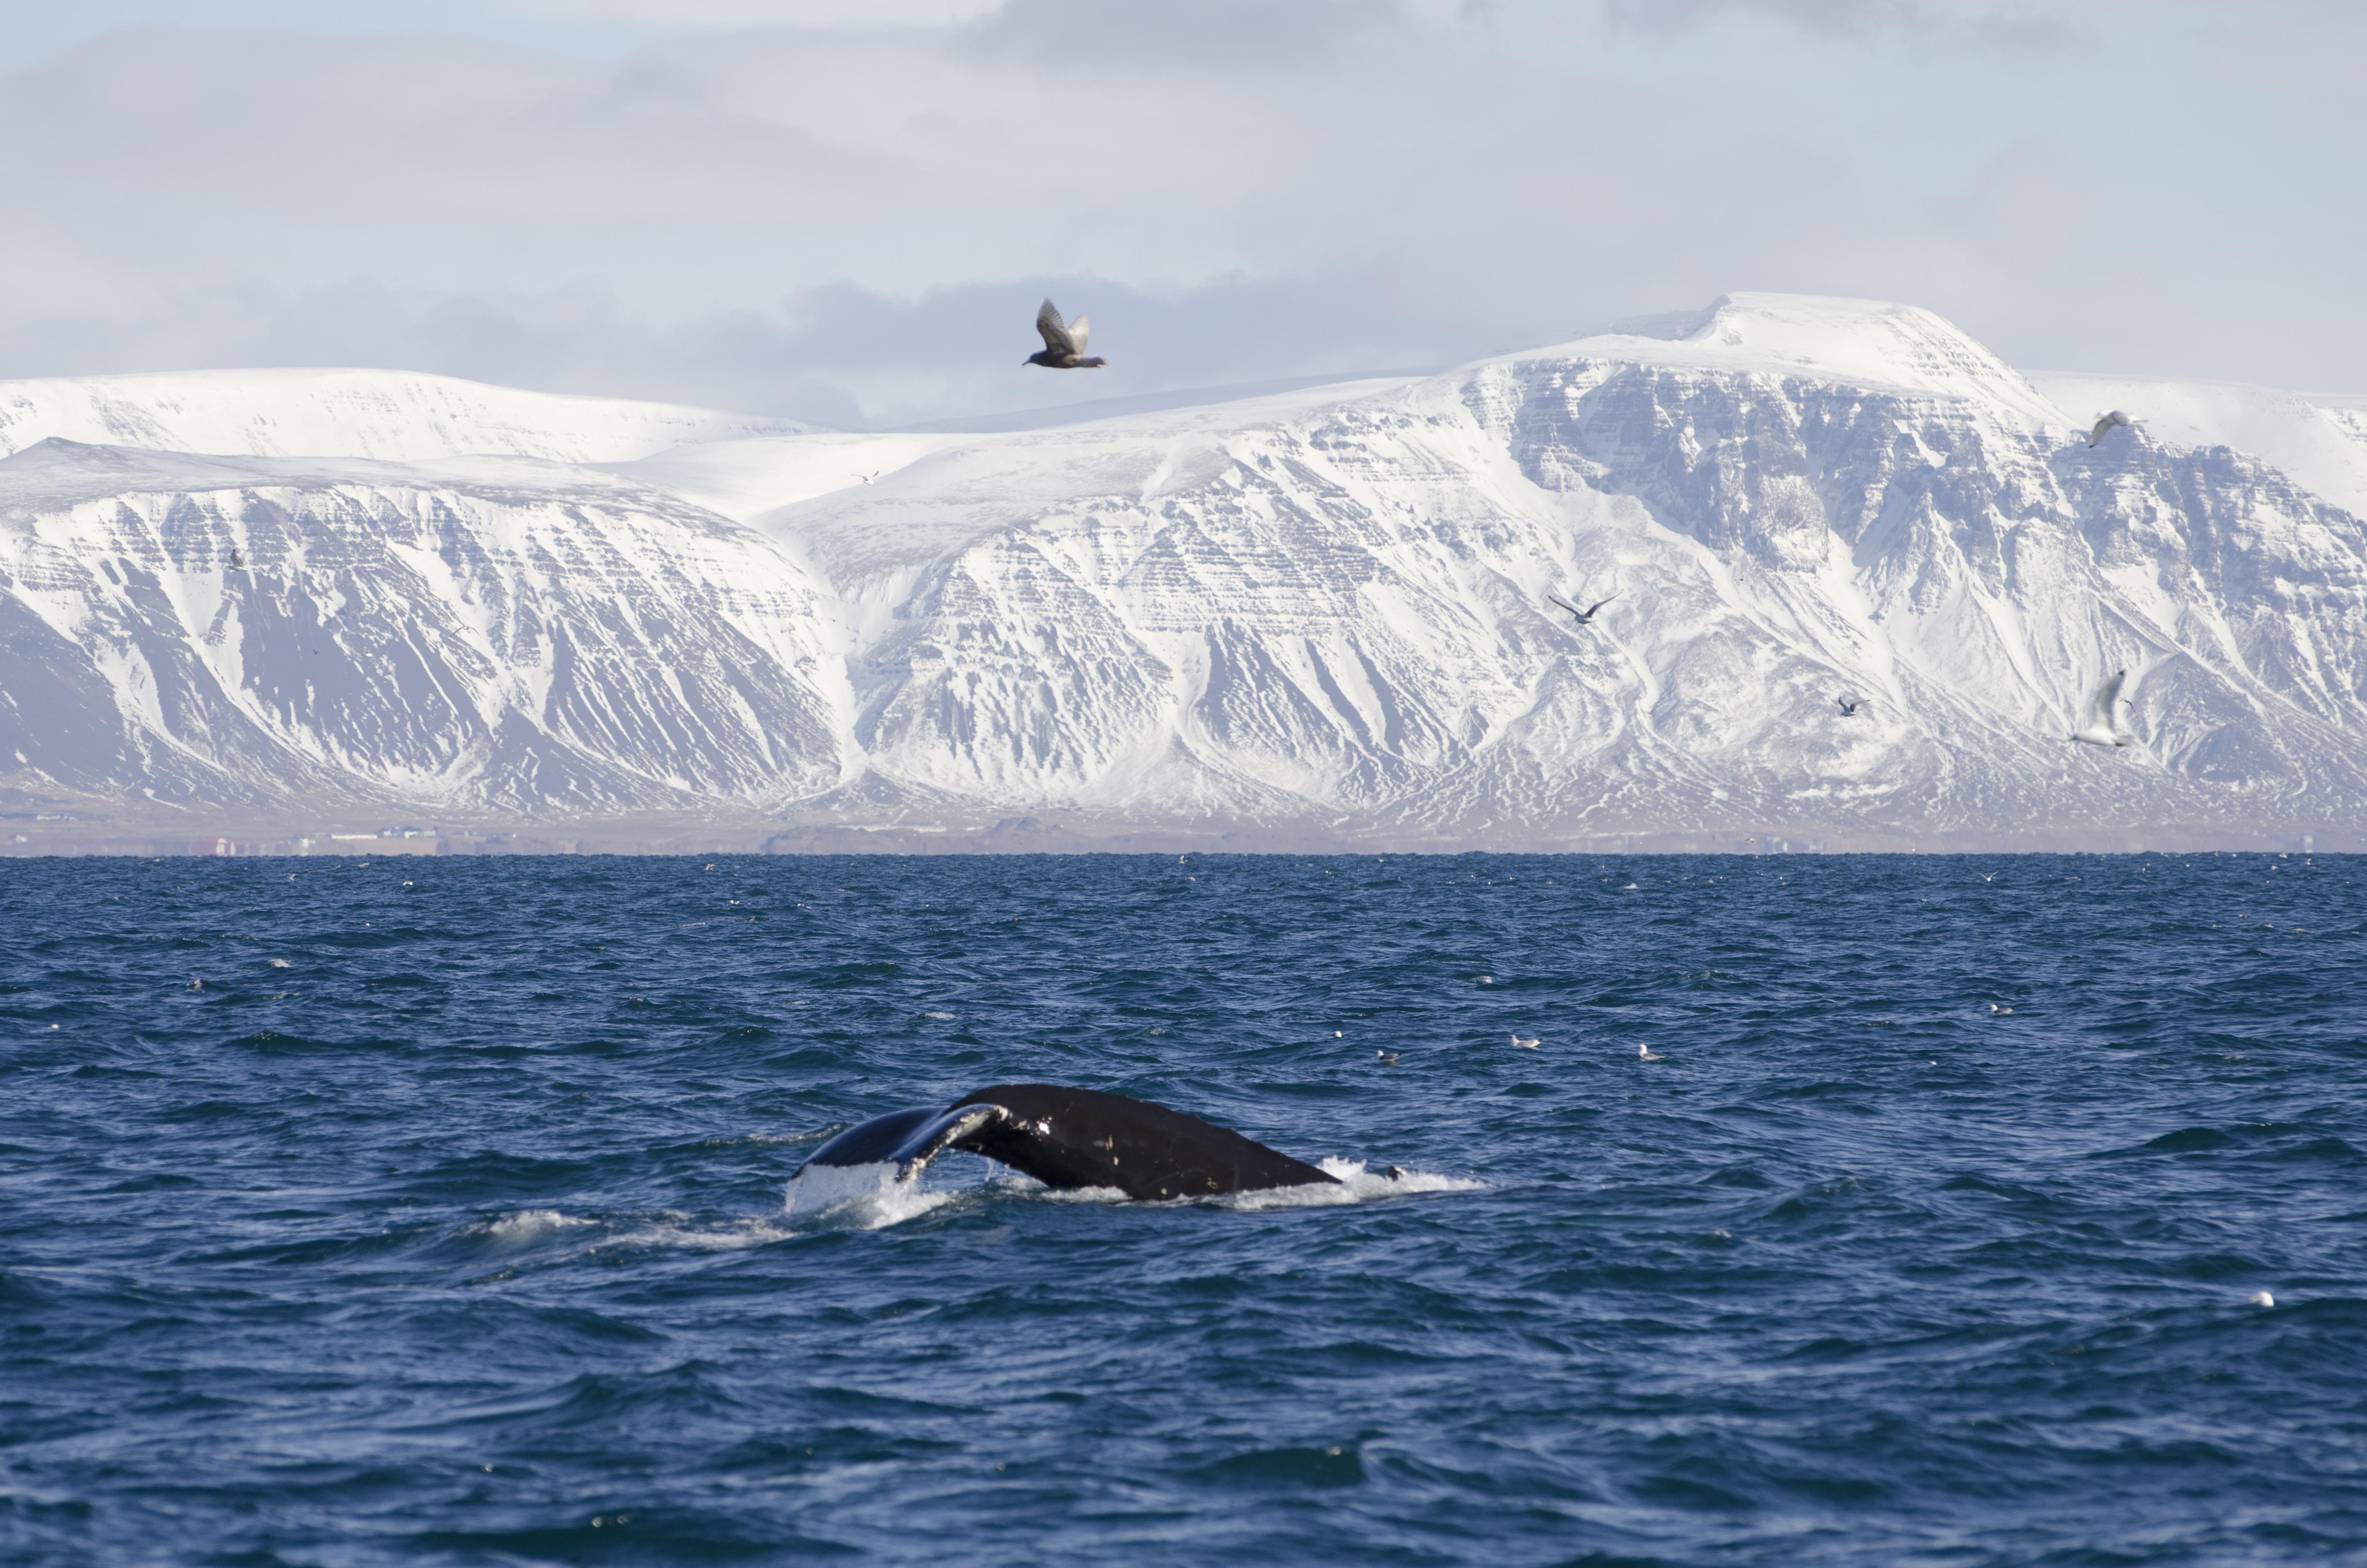 Een bultrug die in de winter in de zee voor de met sneeuw bedekte bergen in het westen van IJsland duikt.